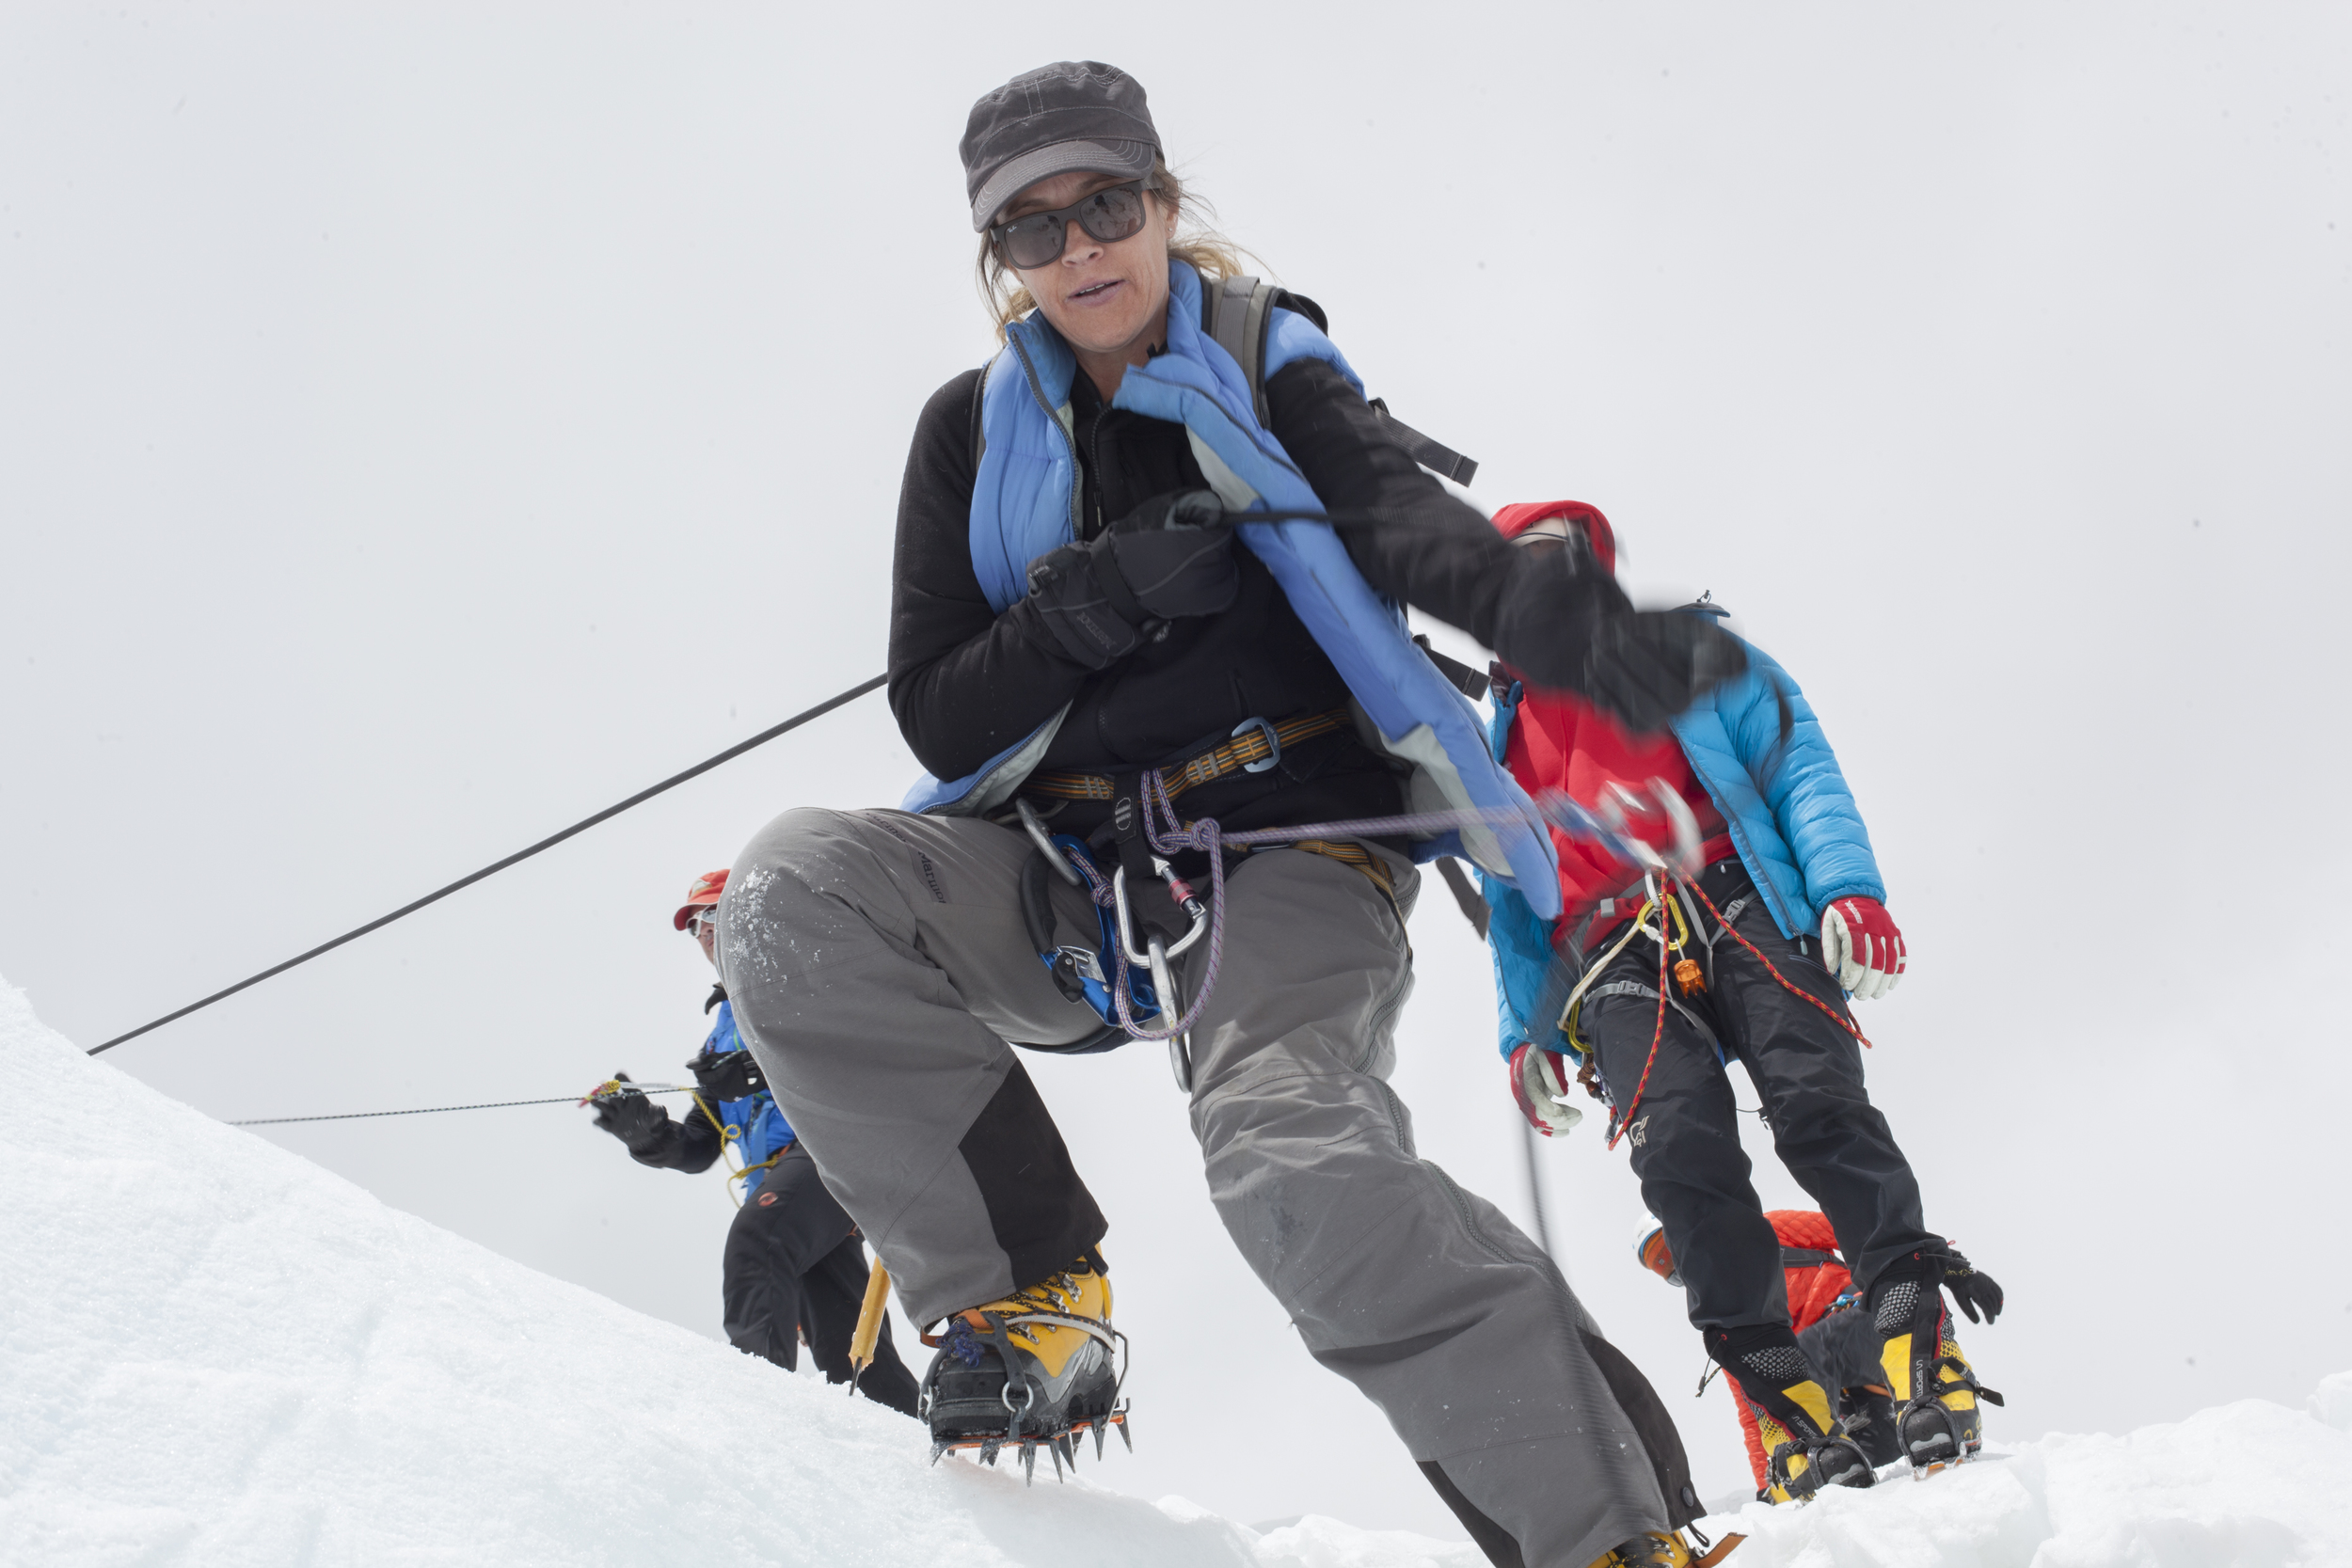 Sherpa_29_Jen-Peedom-director.jpg